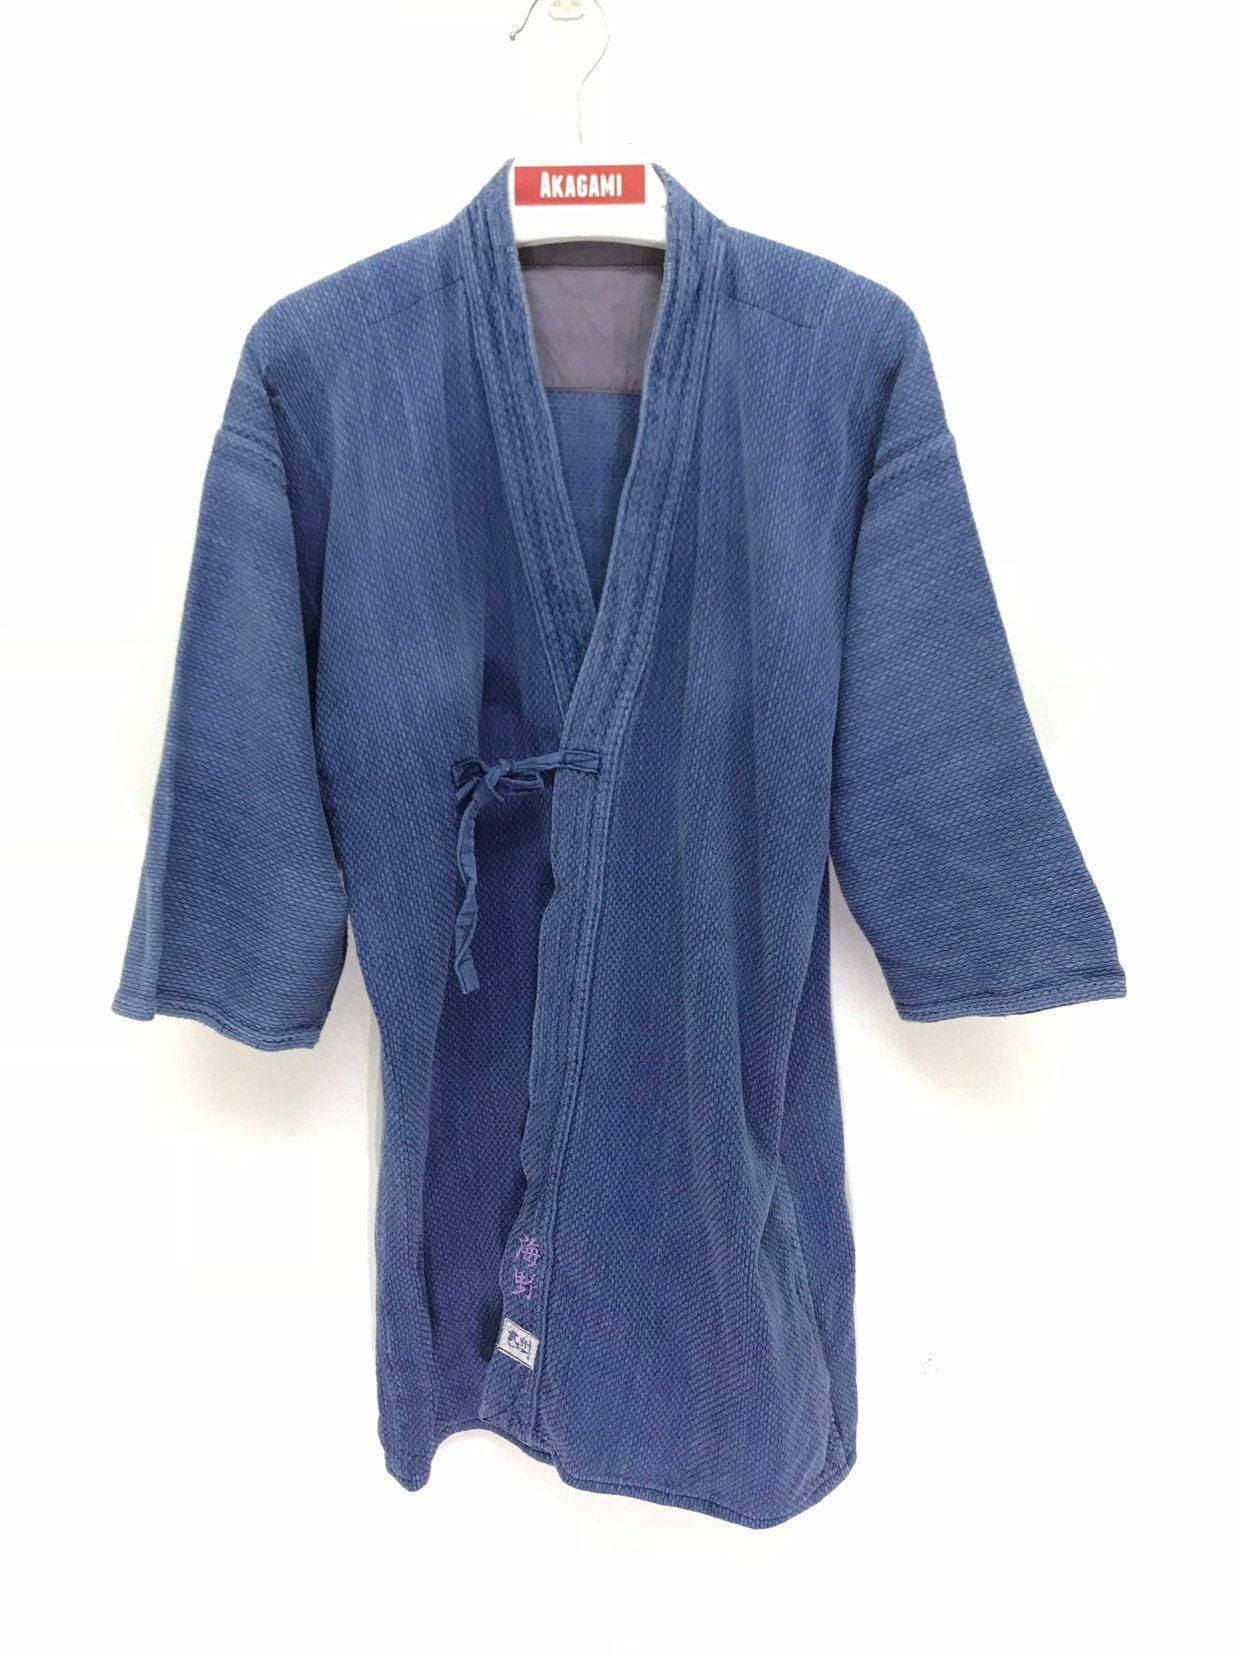 b5545df7d2faac Made in Japon Kendo Vintage veste coton tissé bleu Indigo Boro délavé  japonais Boro Indigo Ninja